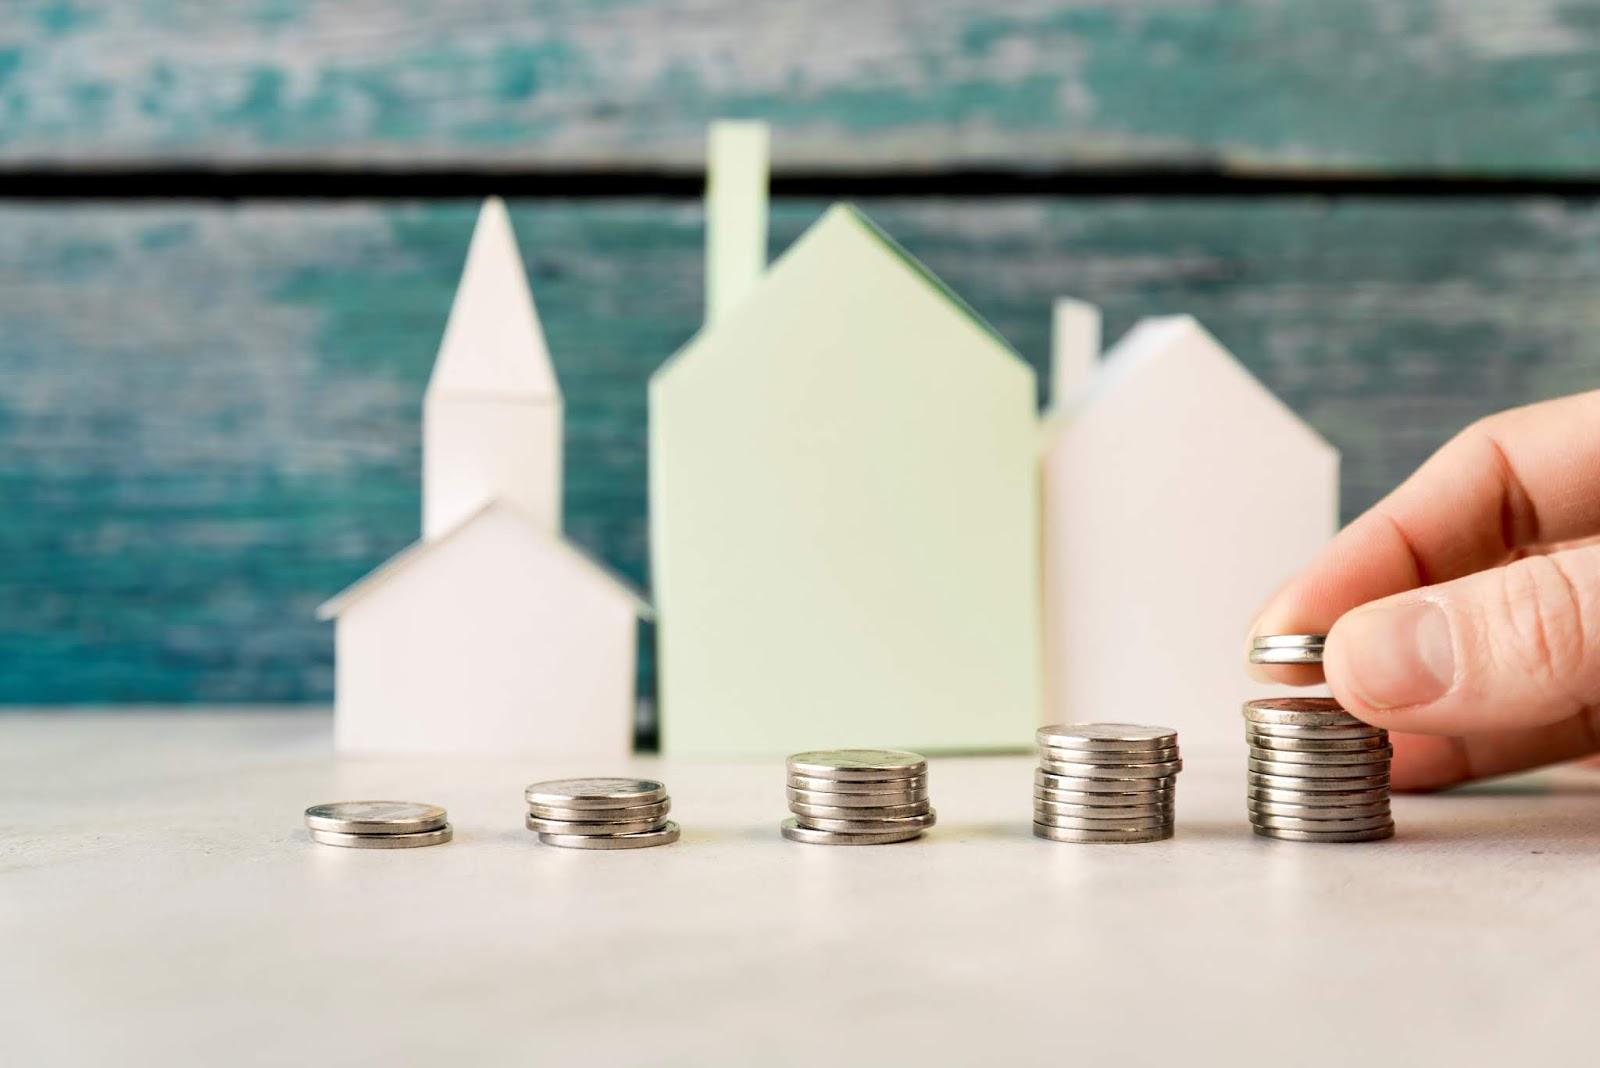 Lời khuyên sử dụng tài chính cá nhân hữu hiệu nhất dành cho chị em ở độ tuổi 30 - Ảnh 6.